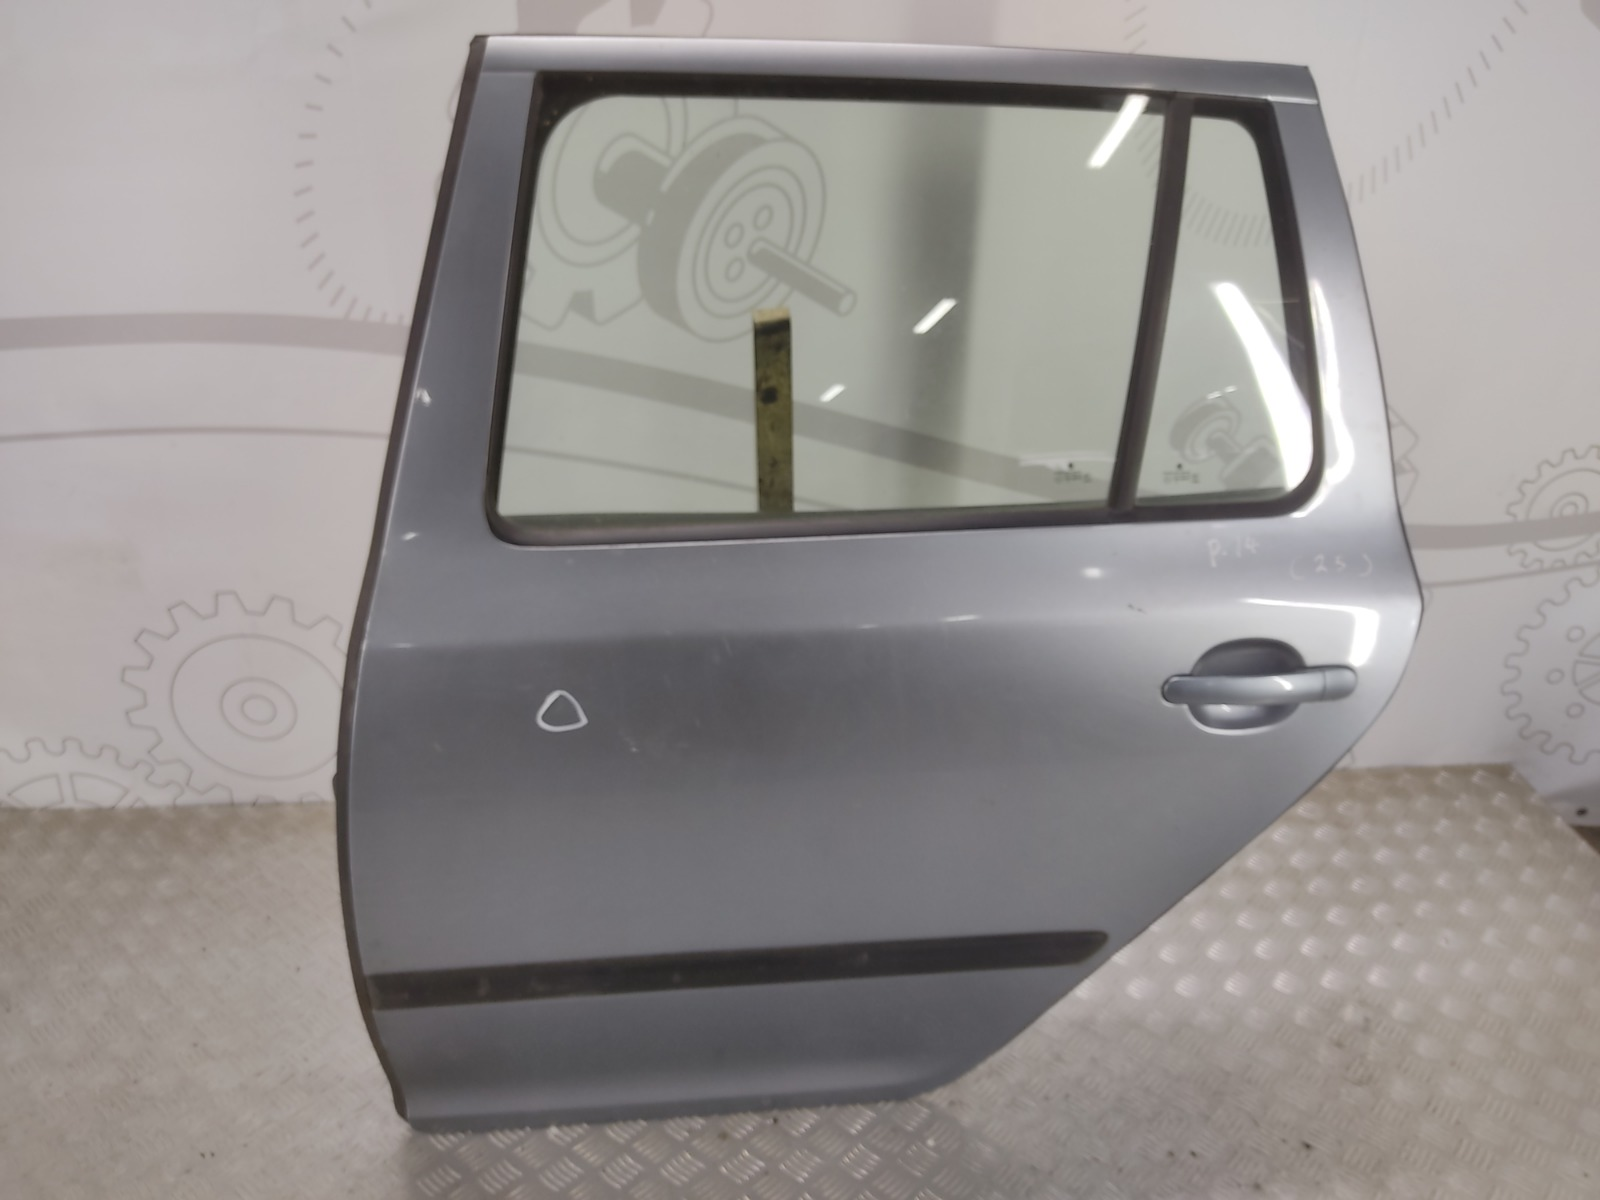 Дверь задняя левая Skoda Octavia 1.9 TDI 2005 (б/у)